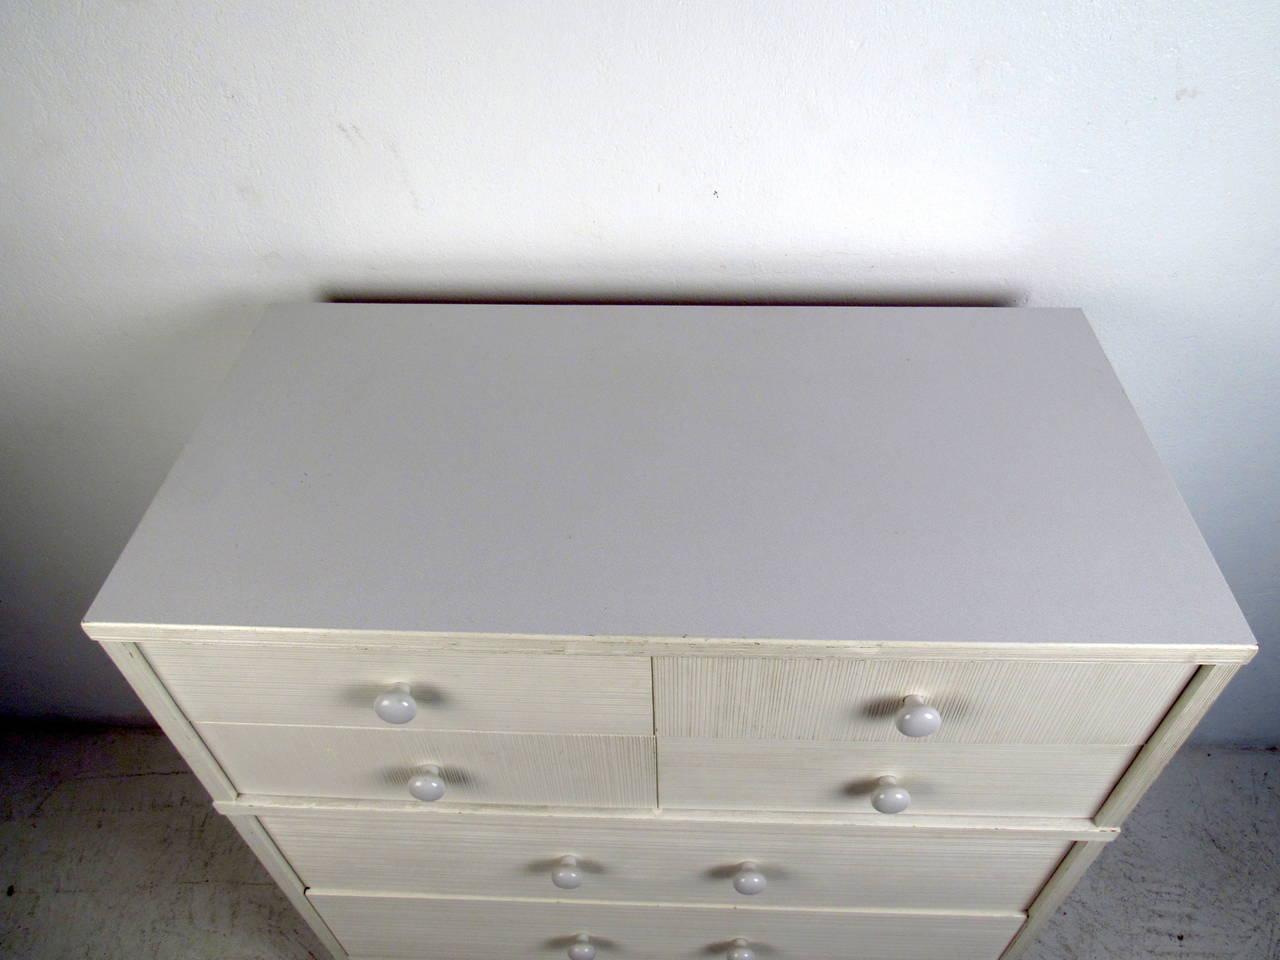 Kroehler Bedroom Furniture Similiar Kroehler Vanity Dresser Keywords